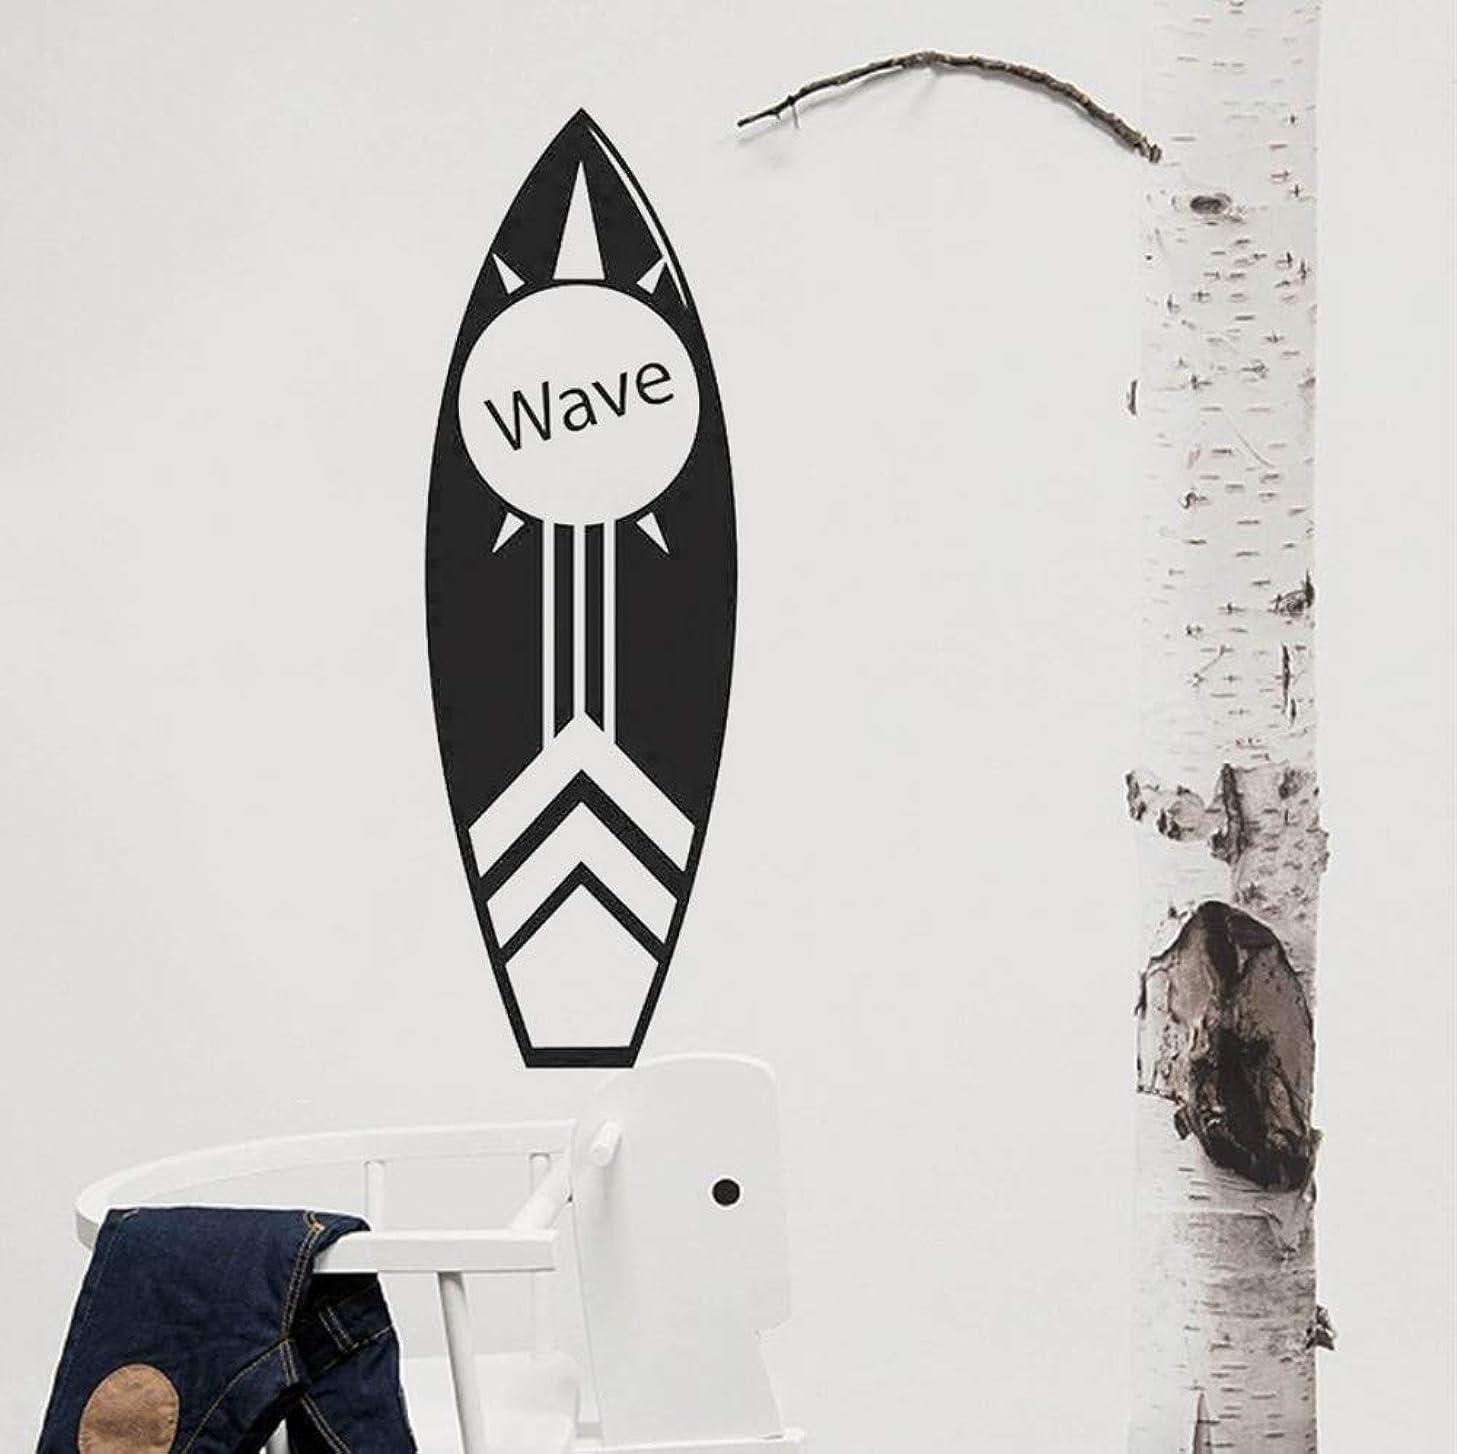 大声で君主制ネクタイAnsyny サーフボードウォールアートデカール沿岸ビーチの装飾サーフィンサーフボードウォールステッカートロピカルウォータースポーツビニール壁19 * 57センチ